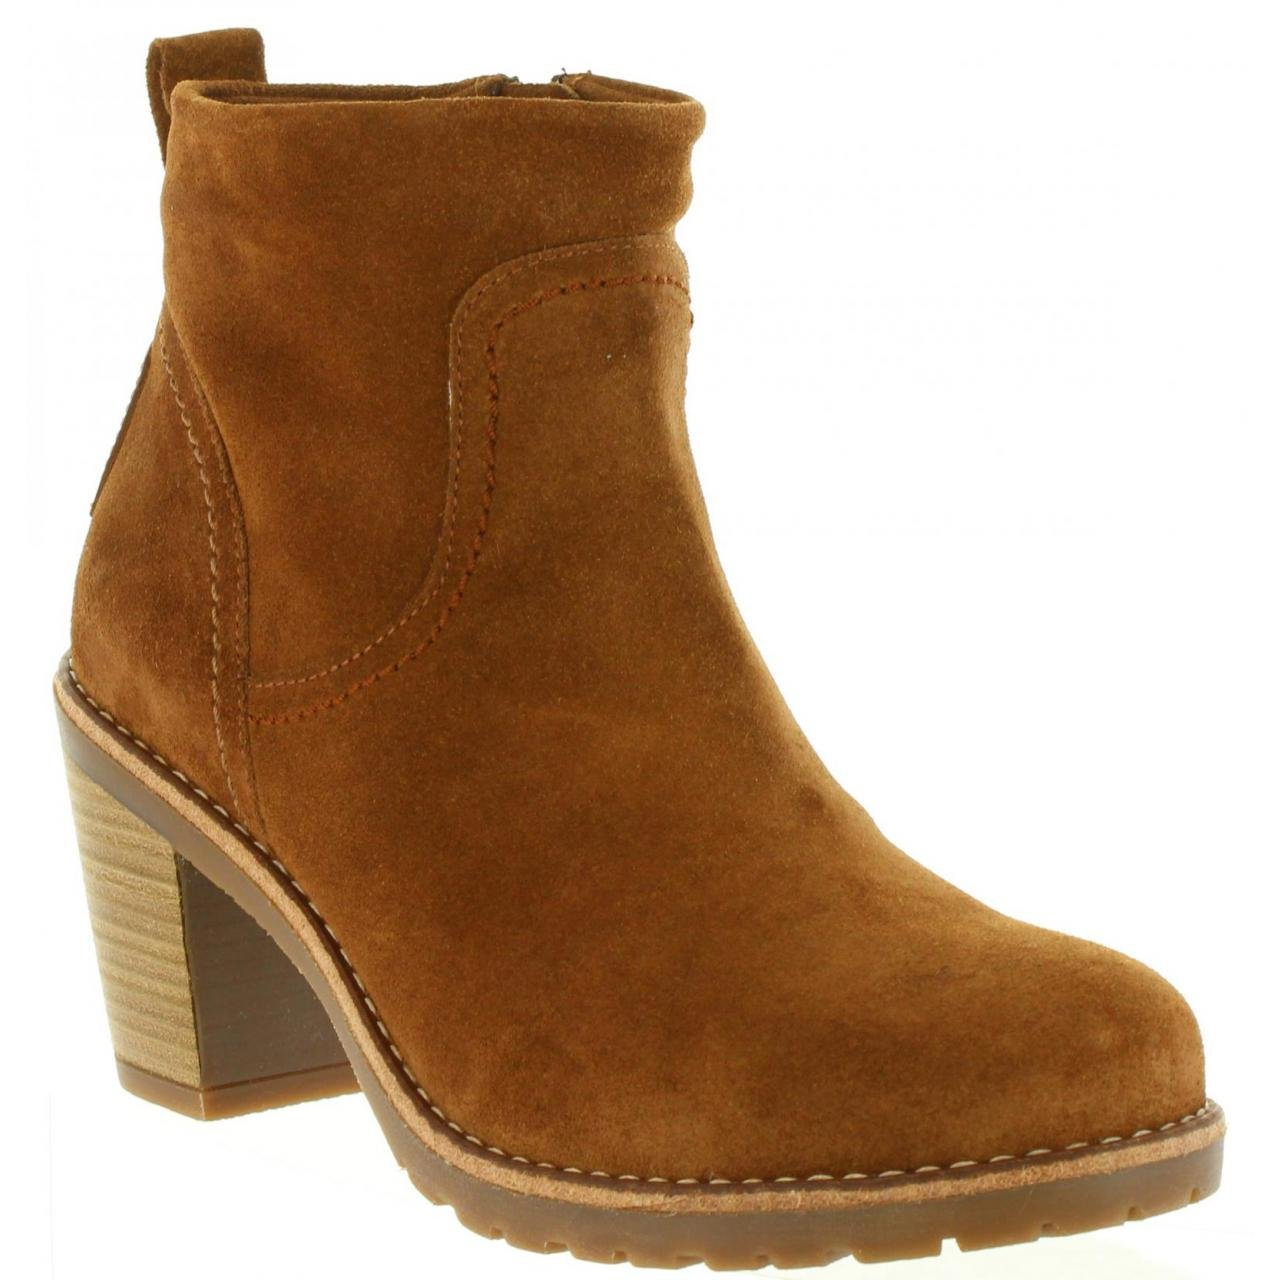 858fc7bba507df PANAMA JACK Stiefel für Damen Arles B36 Velour Cuero  Amazon.de  Schuhe    Handtaschen